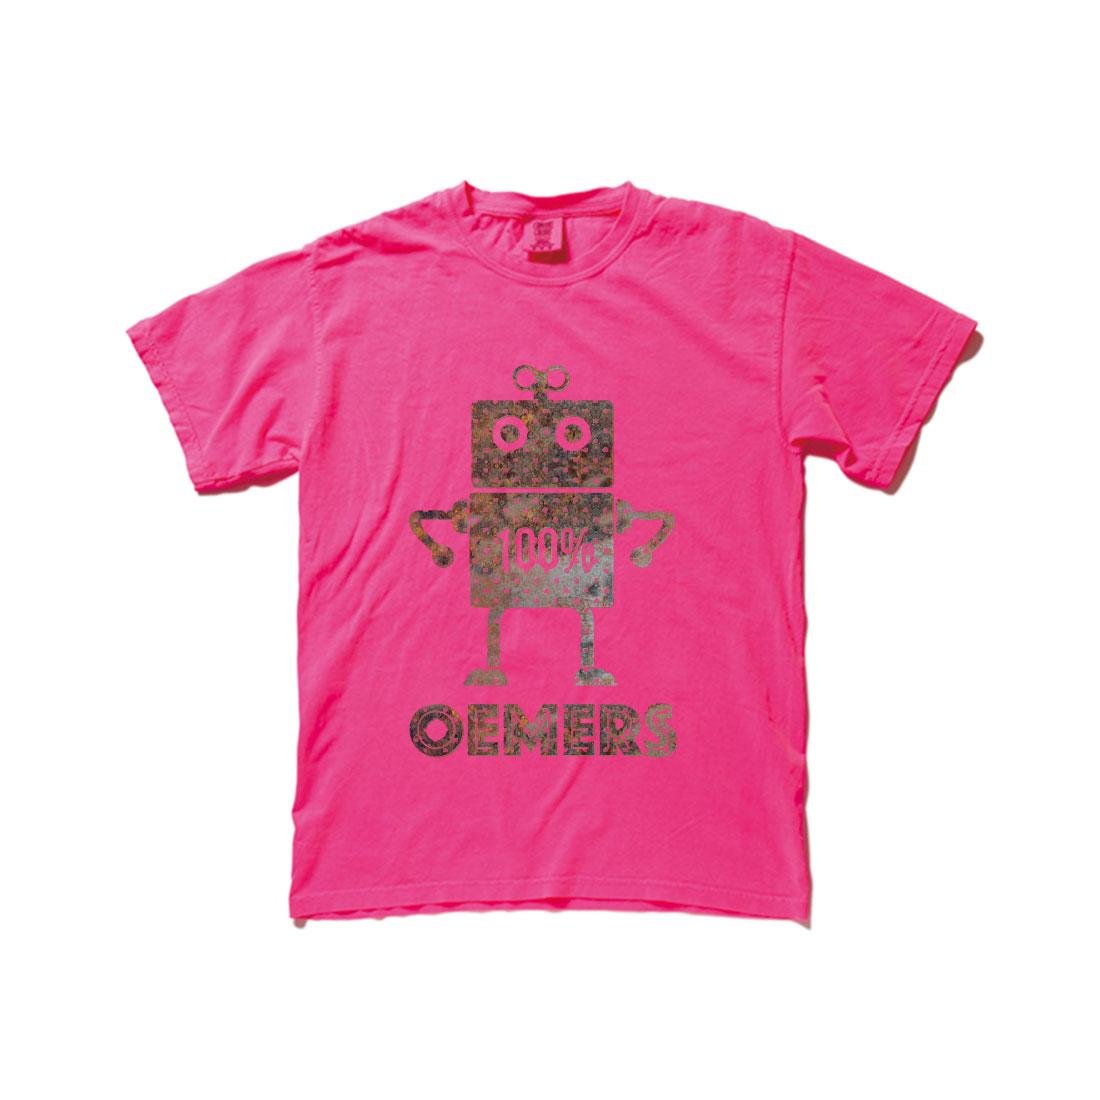 ヴィンテージTシャツ ショッキングピンク